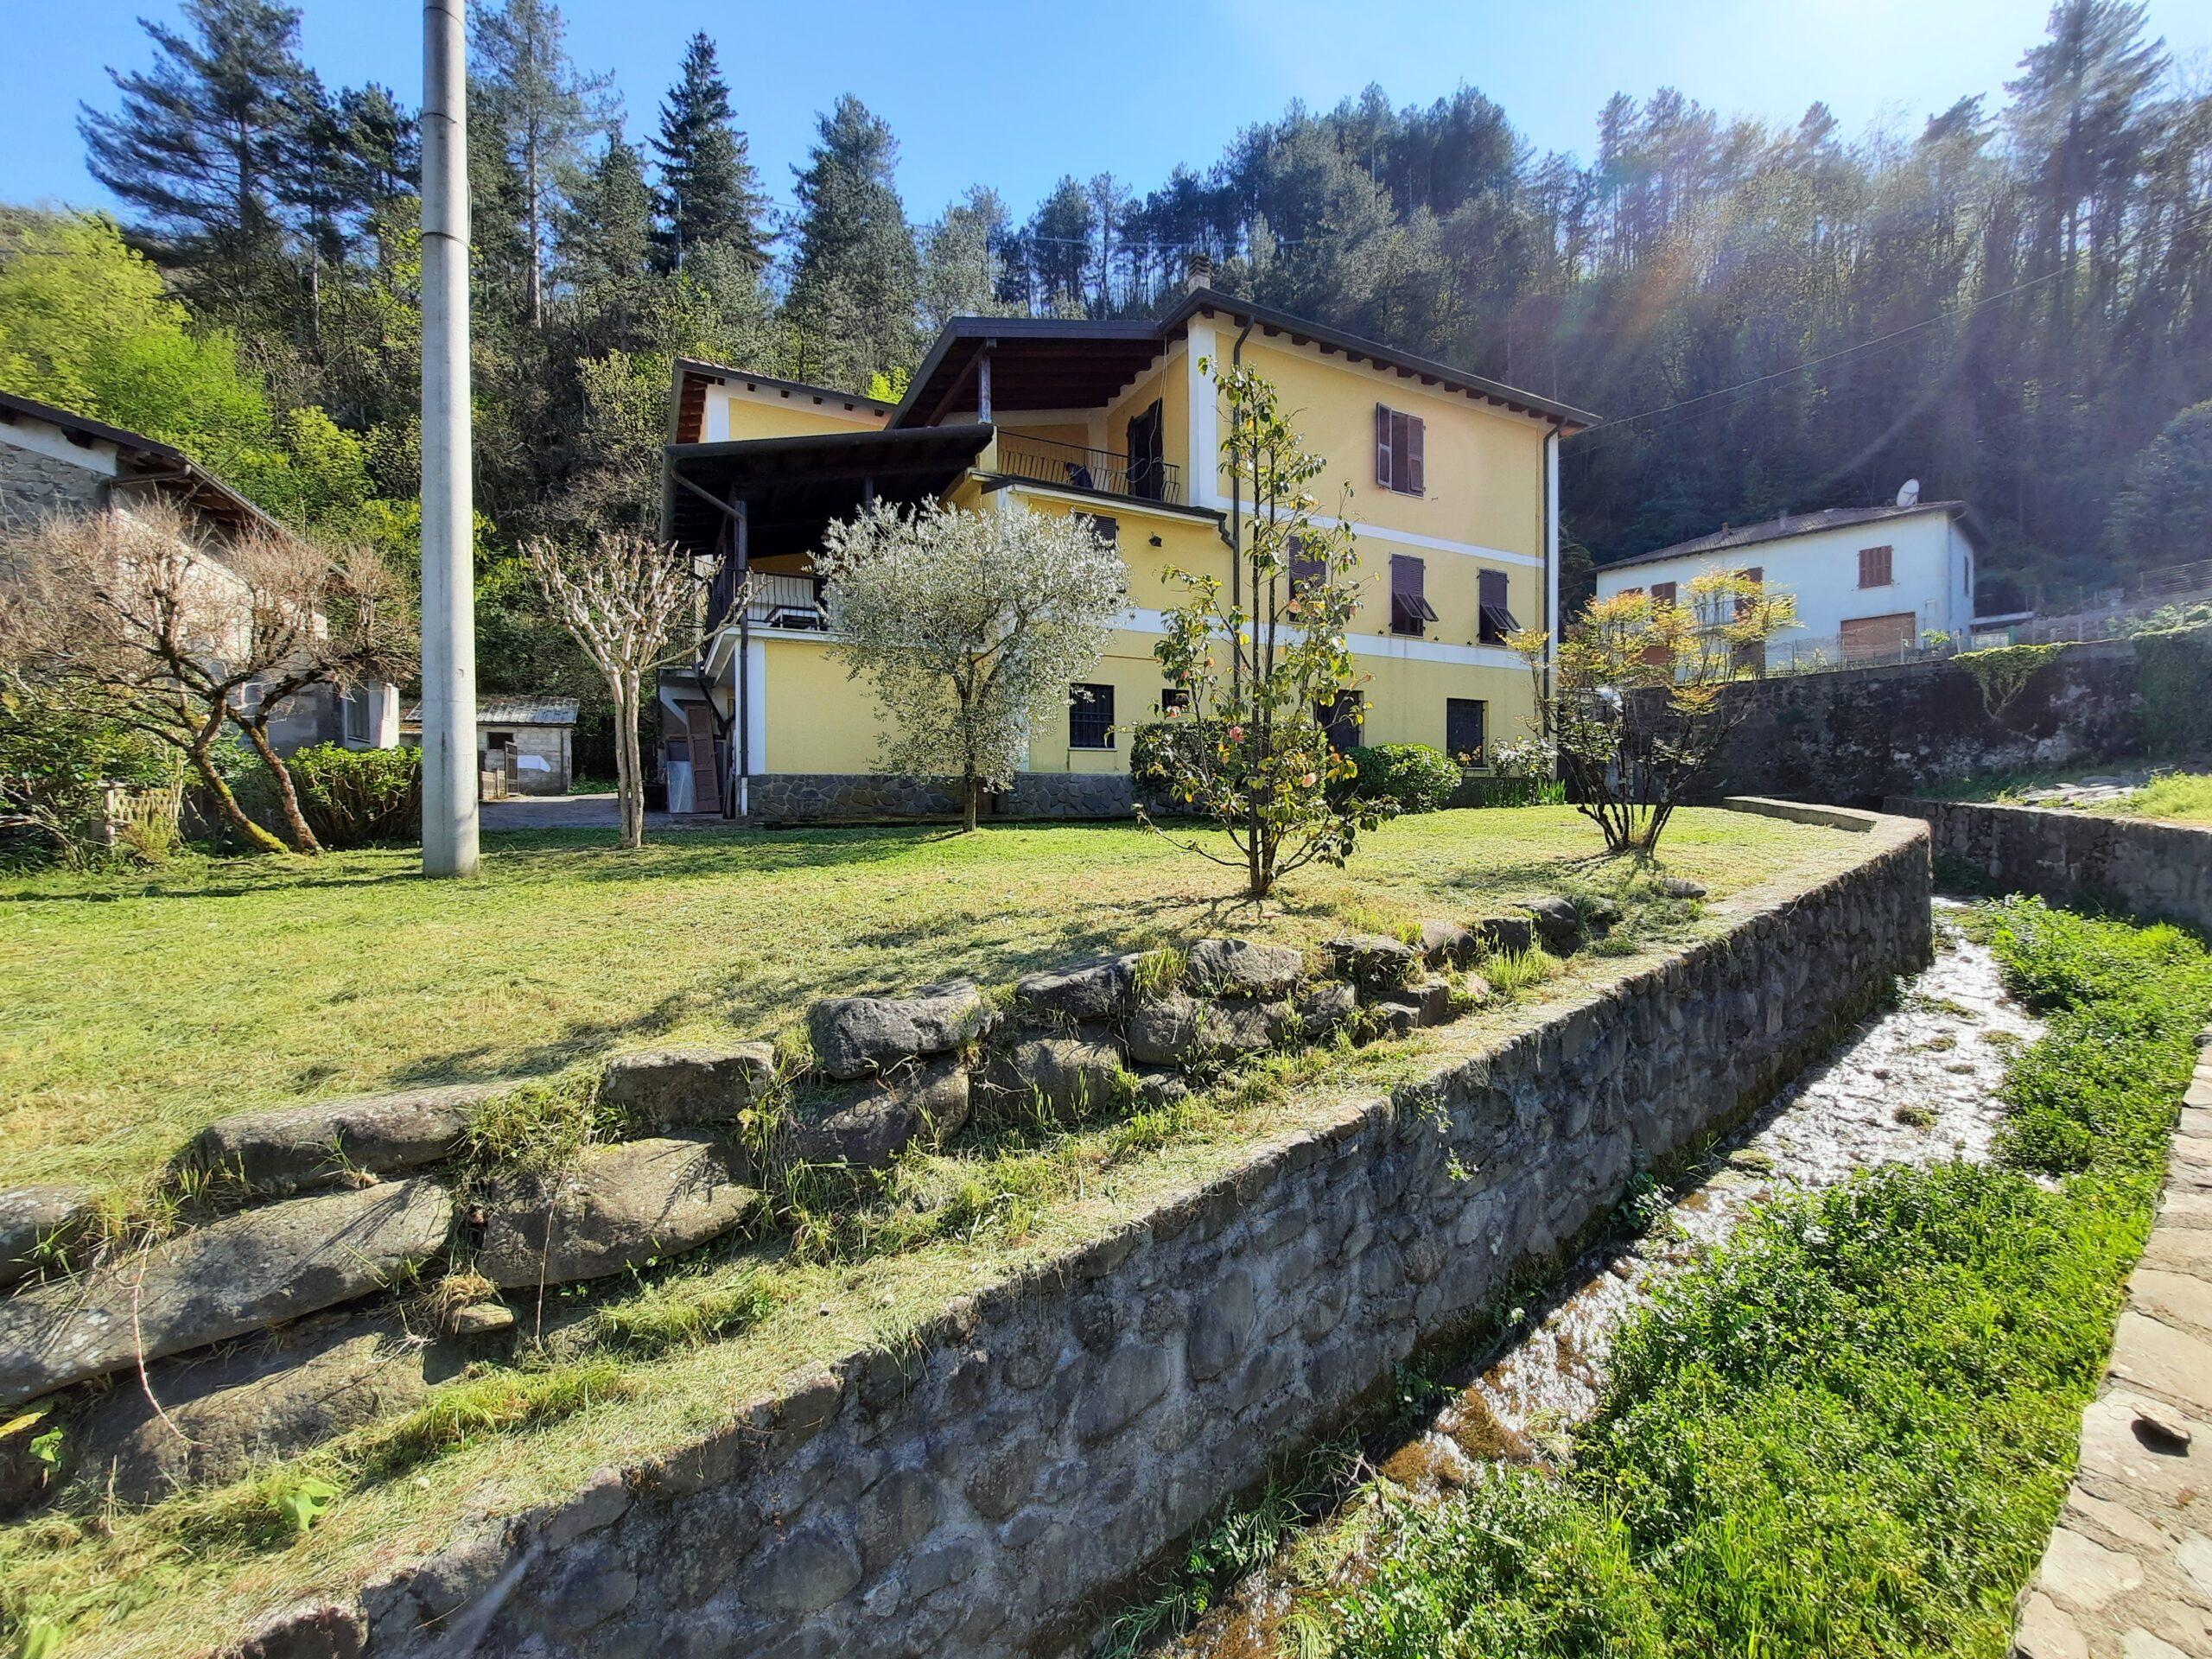 CASA DEL MIRTO – Villa Indipendente di circa 500 mt. con Giardino